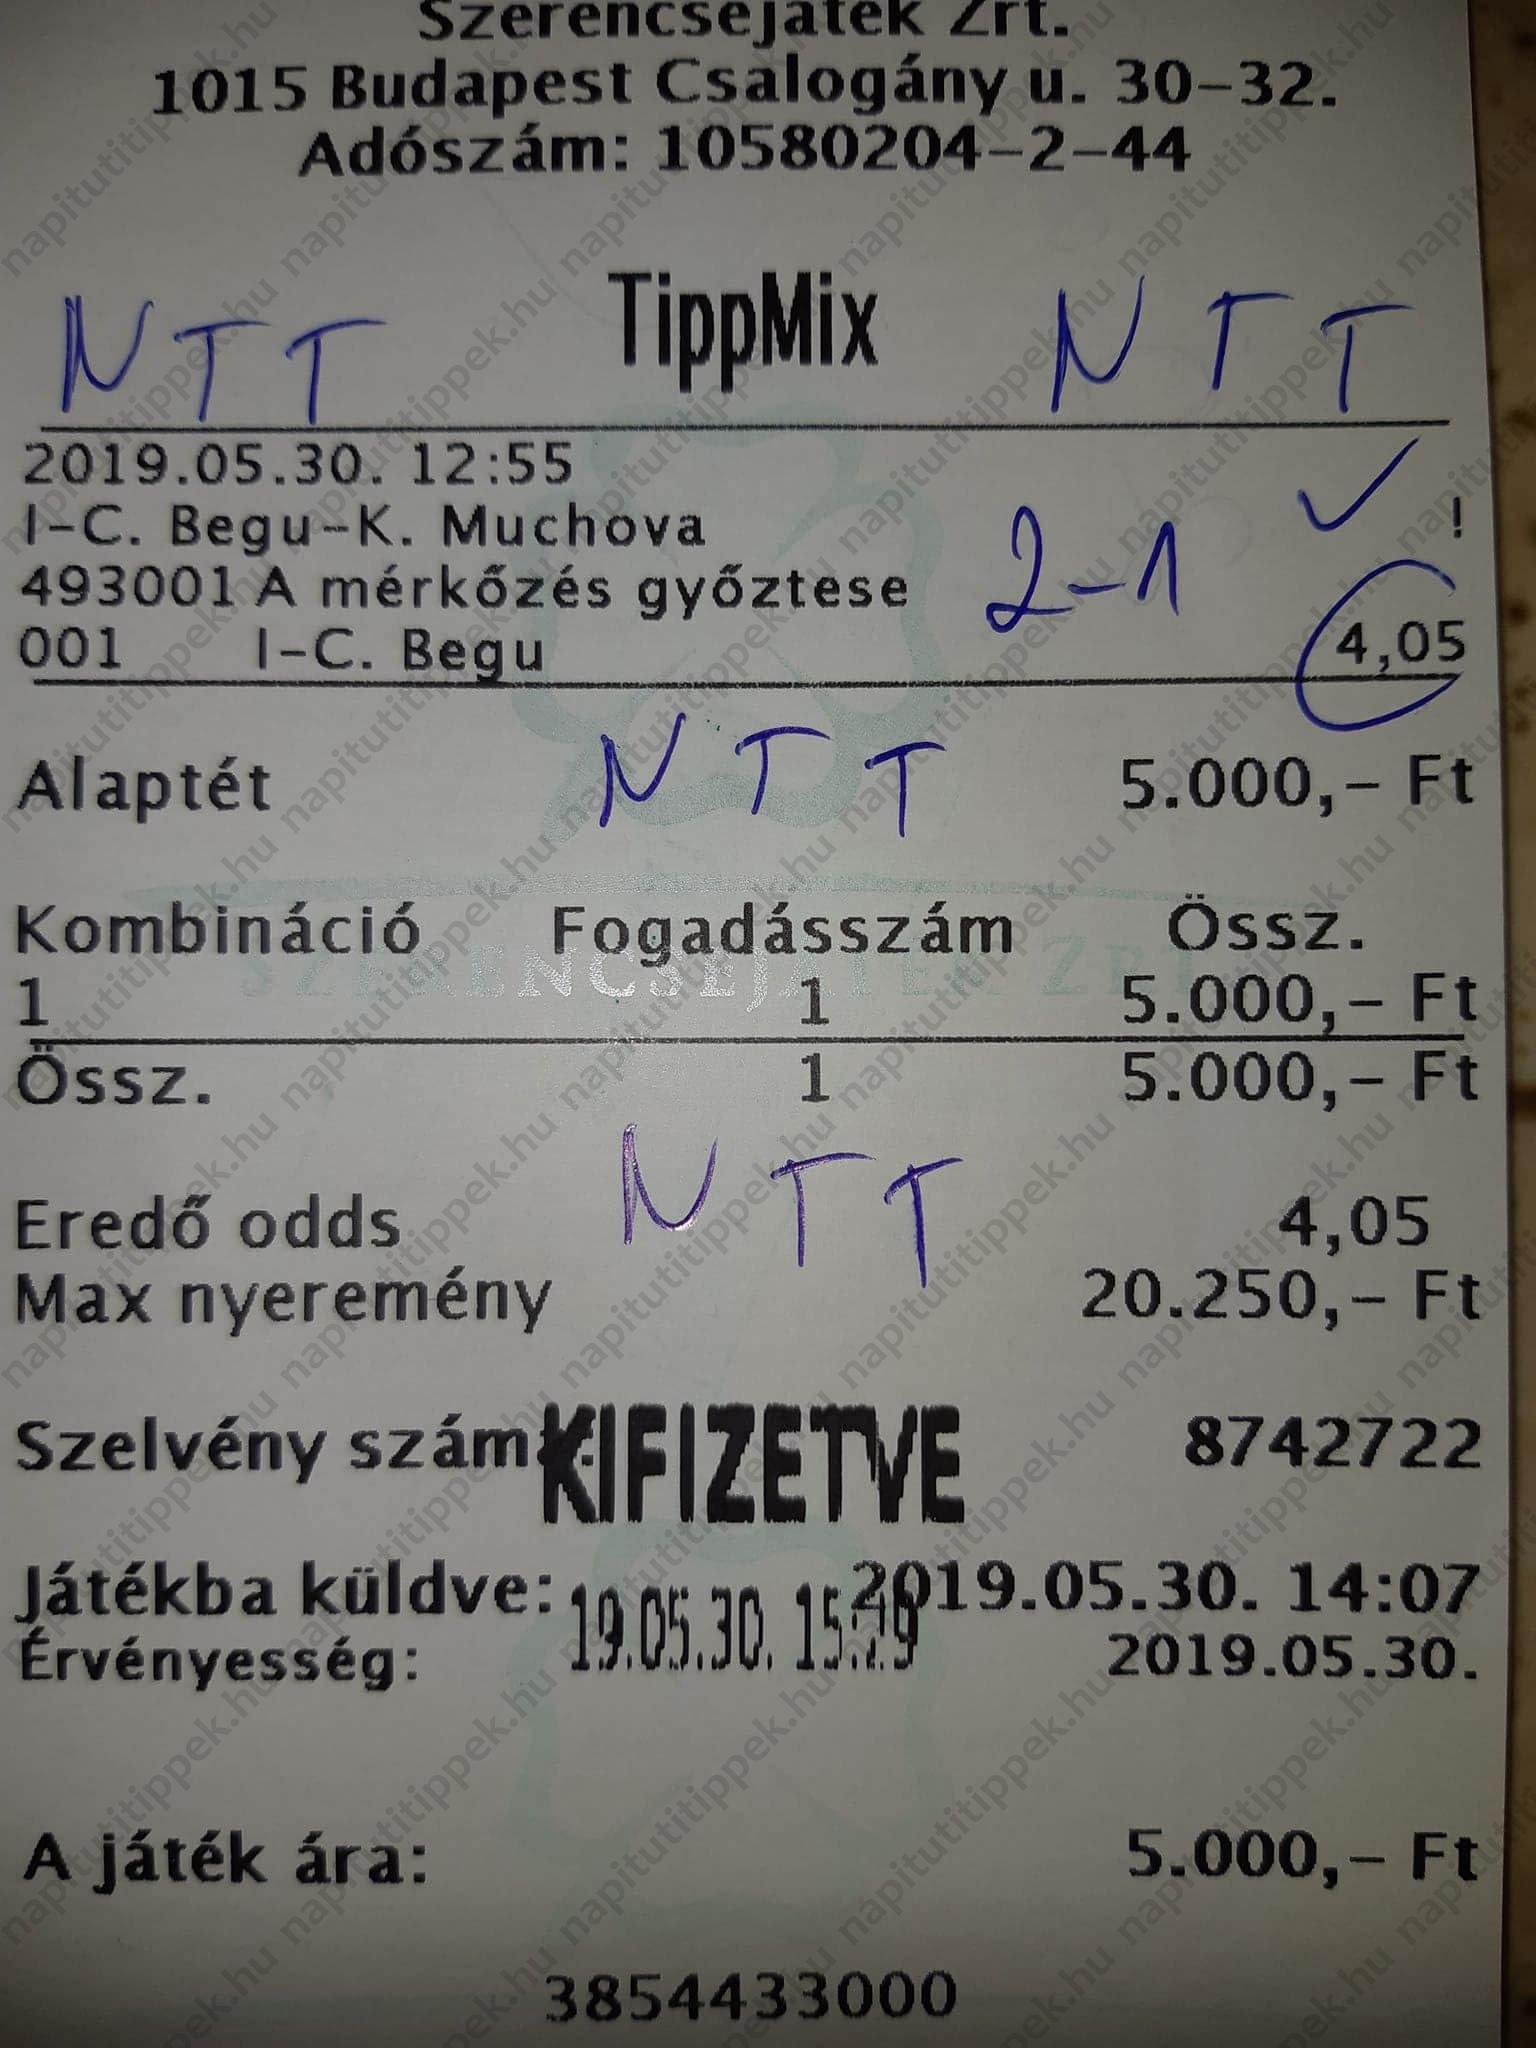 Ütős Foci és Tenisz tippek sportfogadóknak: Tippmix tippek, mérkőzés elemzések, statisztikai adatok. Napi ingyenes tippek. Csatlakozz Magyarország legsikeresebb sportfogadó csapatához!